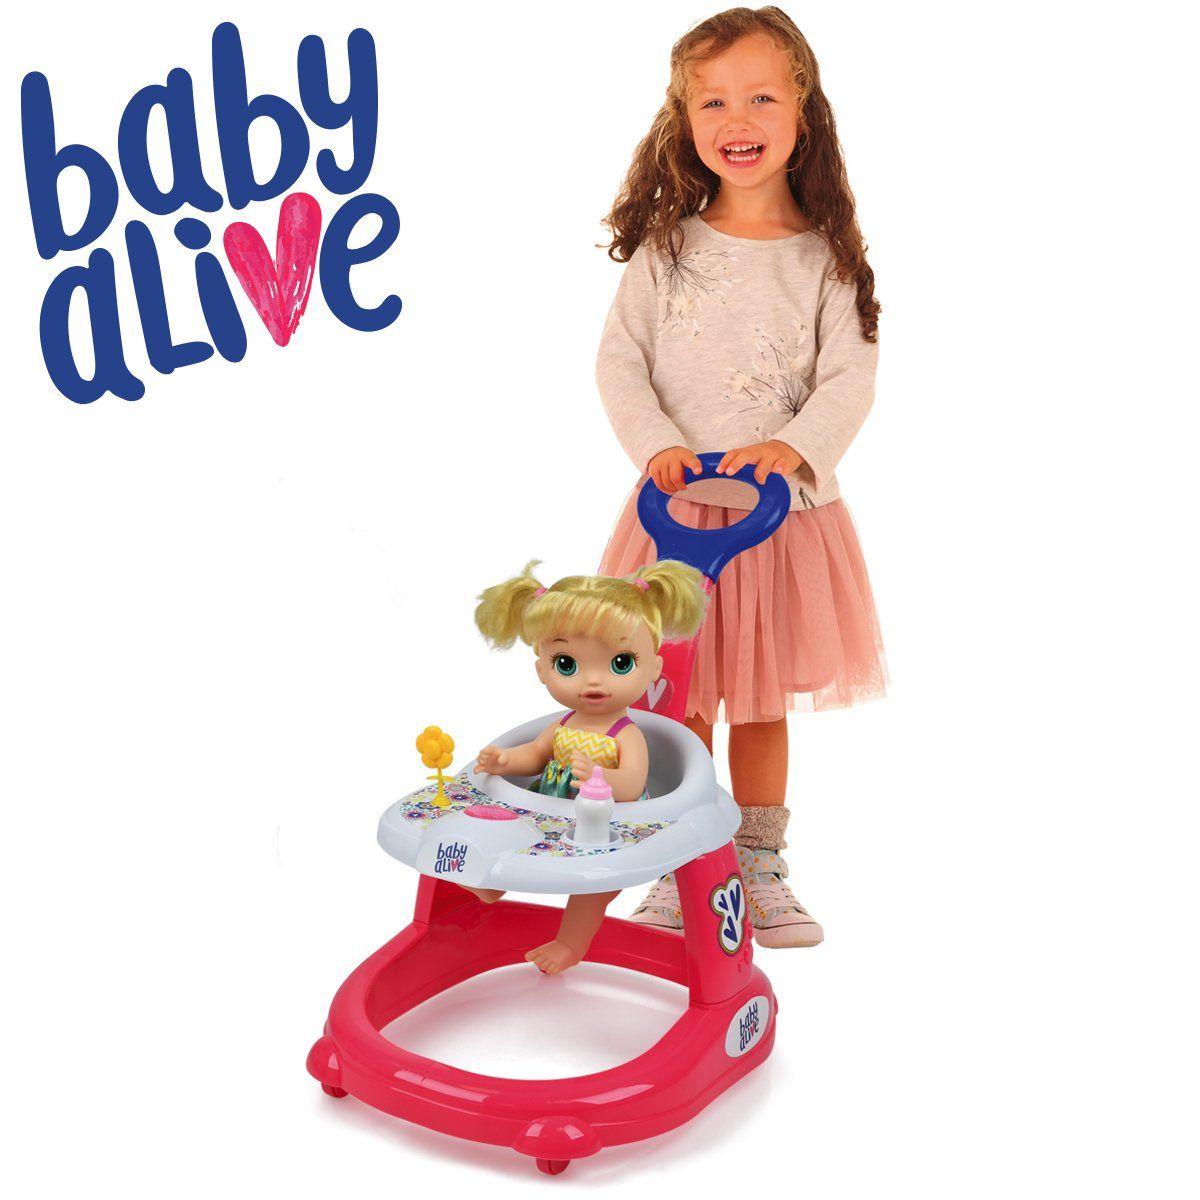 Baby Alive Doll Walker Walmart Com In 2020 Baby Alive Doll Clothes Baby Alive Dolls Baby Alive